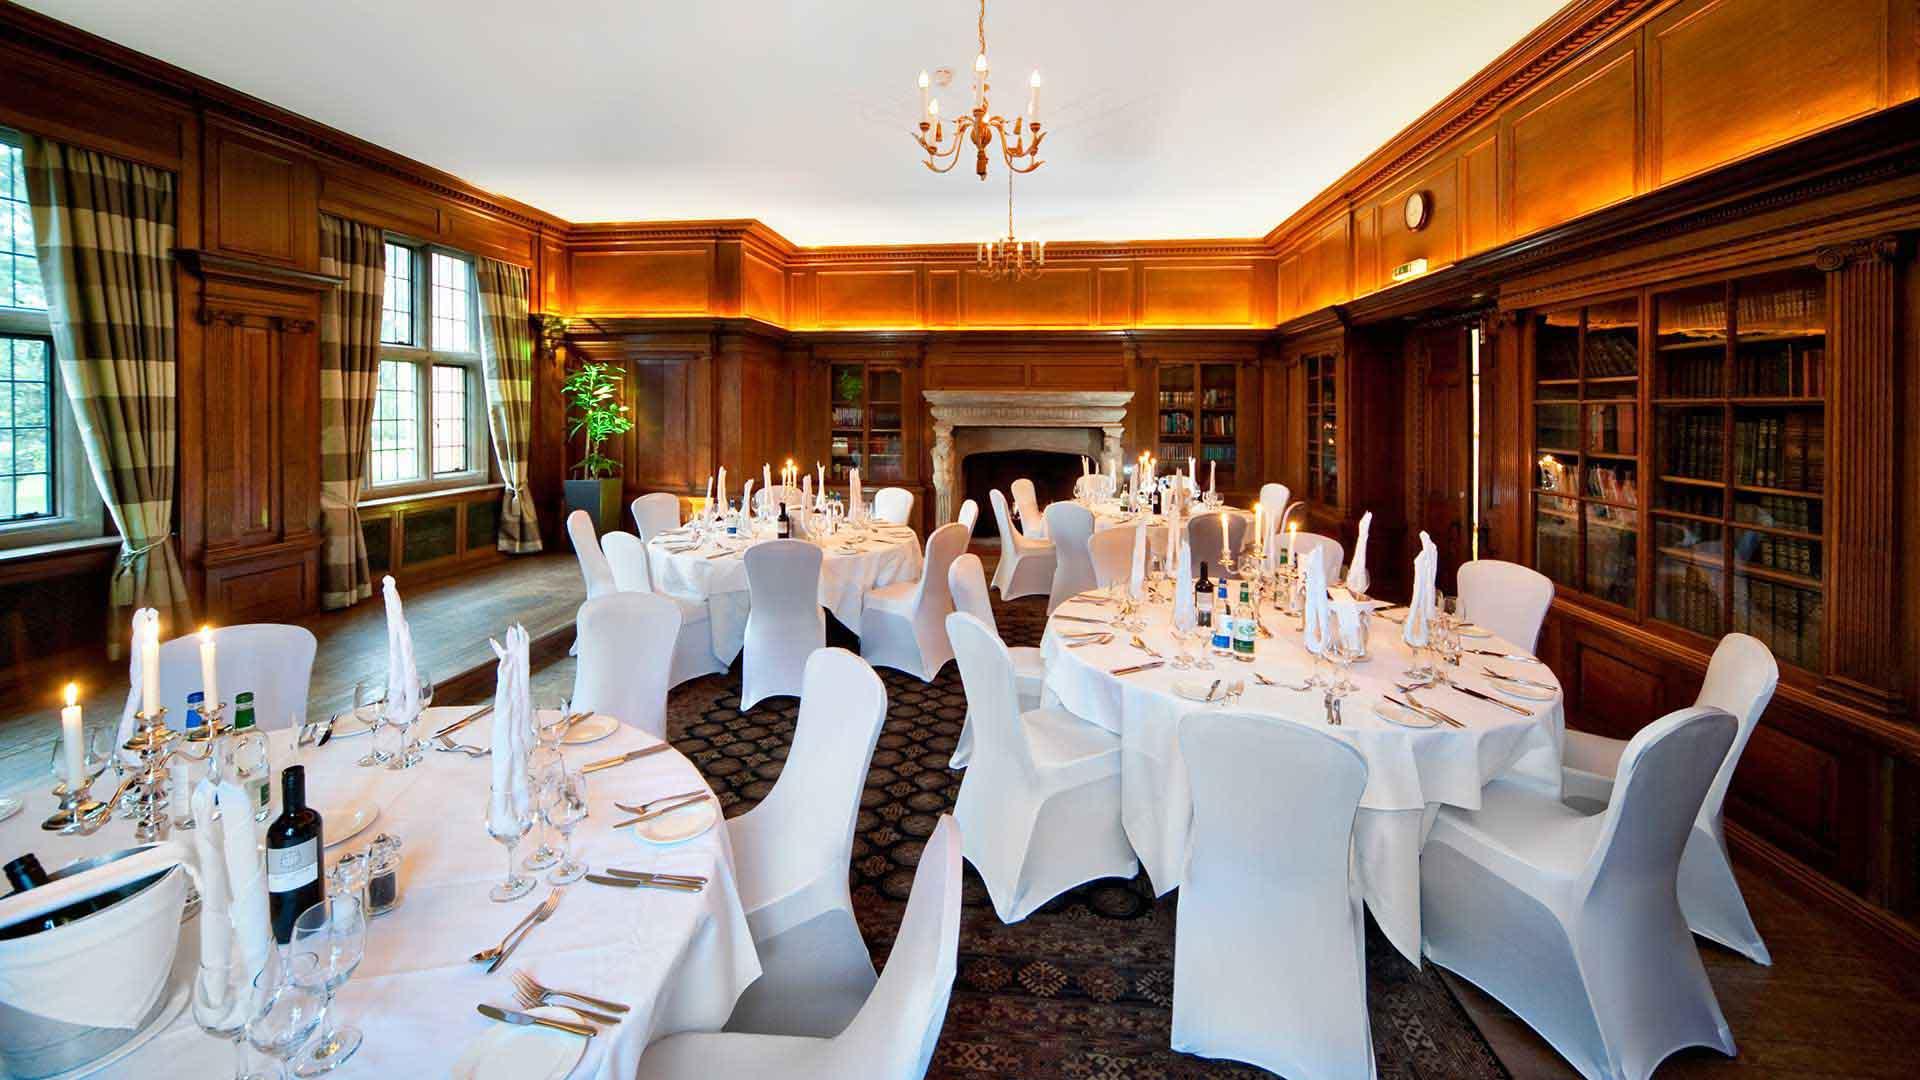 Top 3 Wedding Venues In Surrey